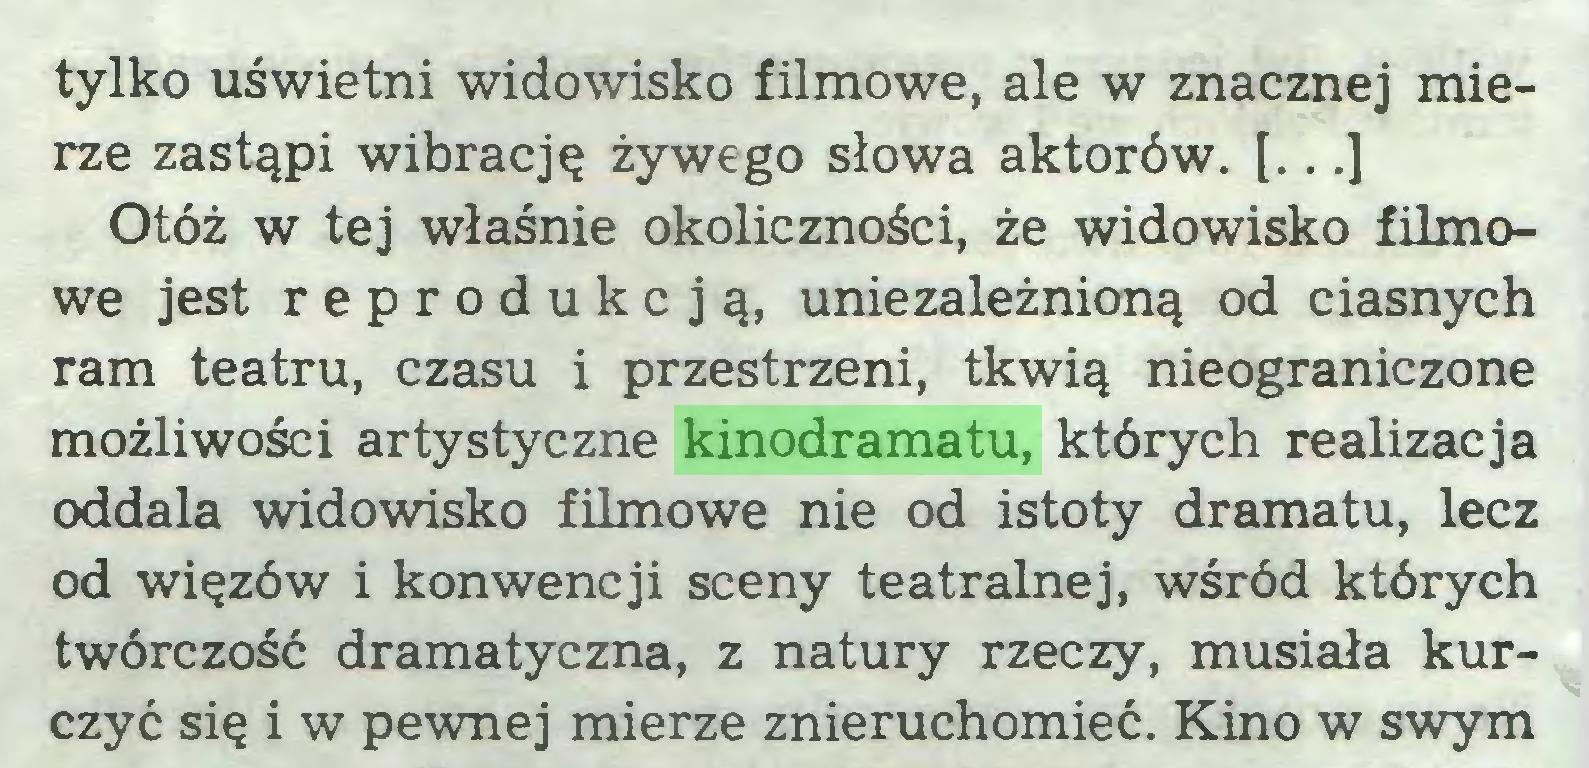 (...) tylko uświetni widowisko filmowe, ale w znacznej mierze zastąpi wibrację żywego słowa aktorów. [...] Otóż w tej właśnie okoliczności, że widowisko filmowe jest reprodukcją, uniezależnioną od ciasnych ram teatru, czasu i przestrzeni, tkwią nieograniczone możliwości artystyczne kinodramatu, których realizacja oddala widowisko filmowe nie od istoty dramatu, lecz od więzów i konwencji sceny teatralnej, wśród których twórczość dramatyczna, z natury rzeczy, musiała kurczyć się i w pewnej mierze znieruchomieć. Kino w swym...